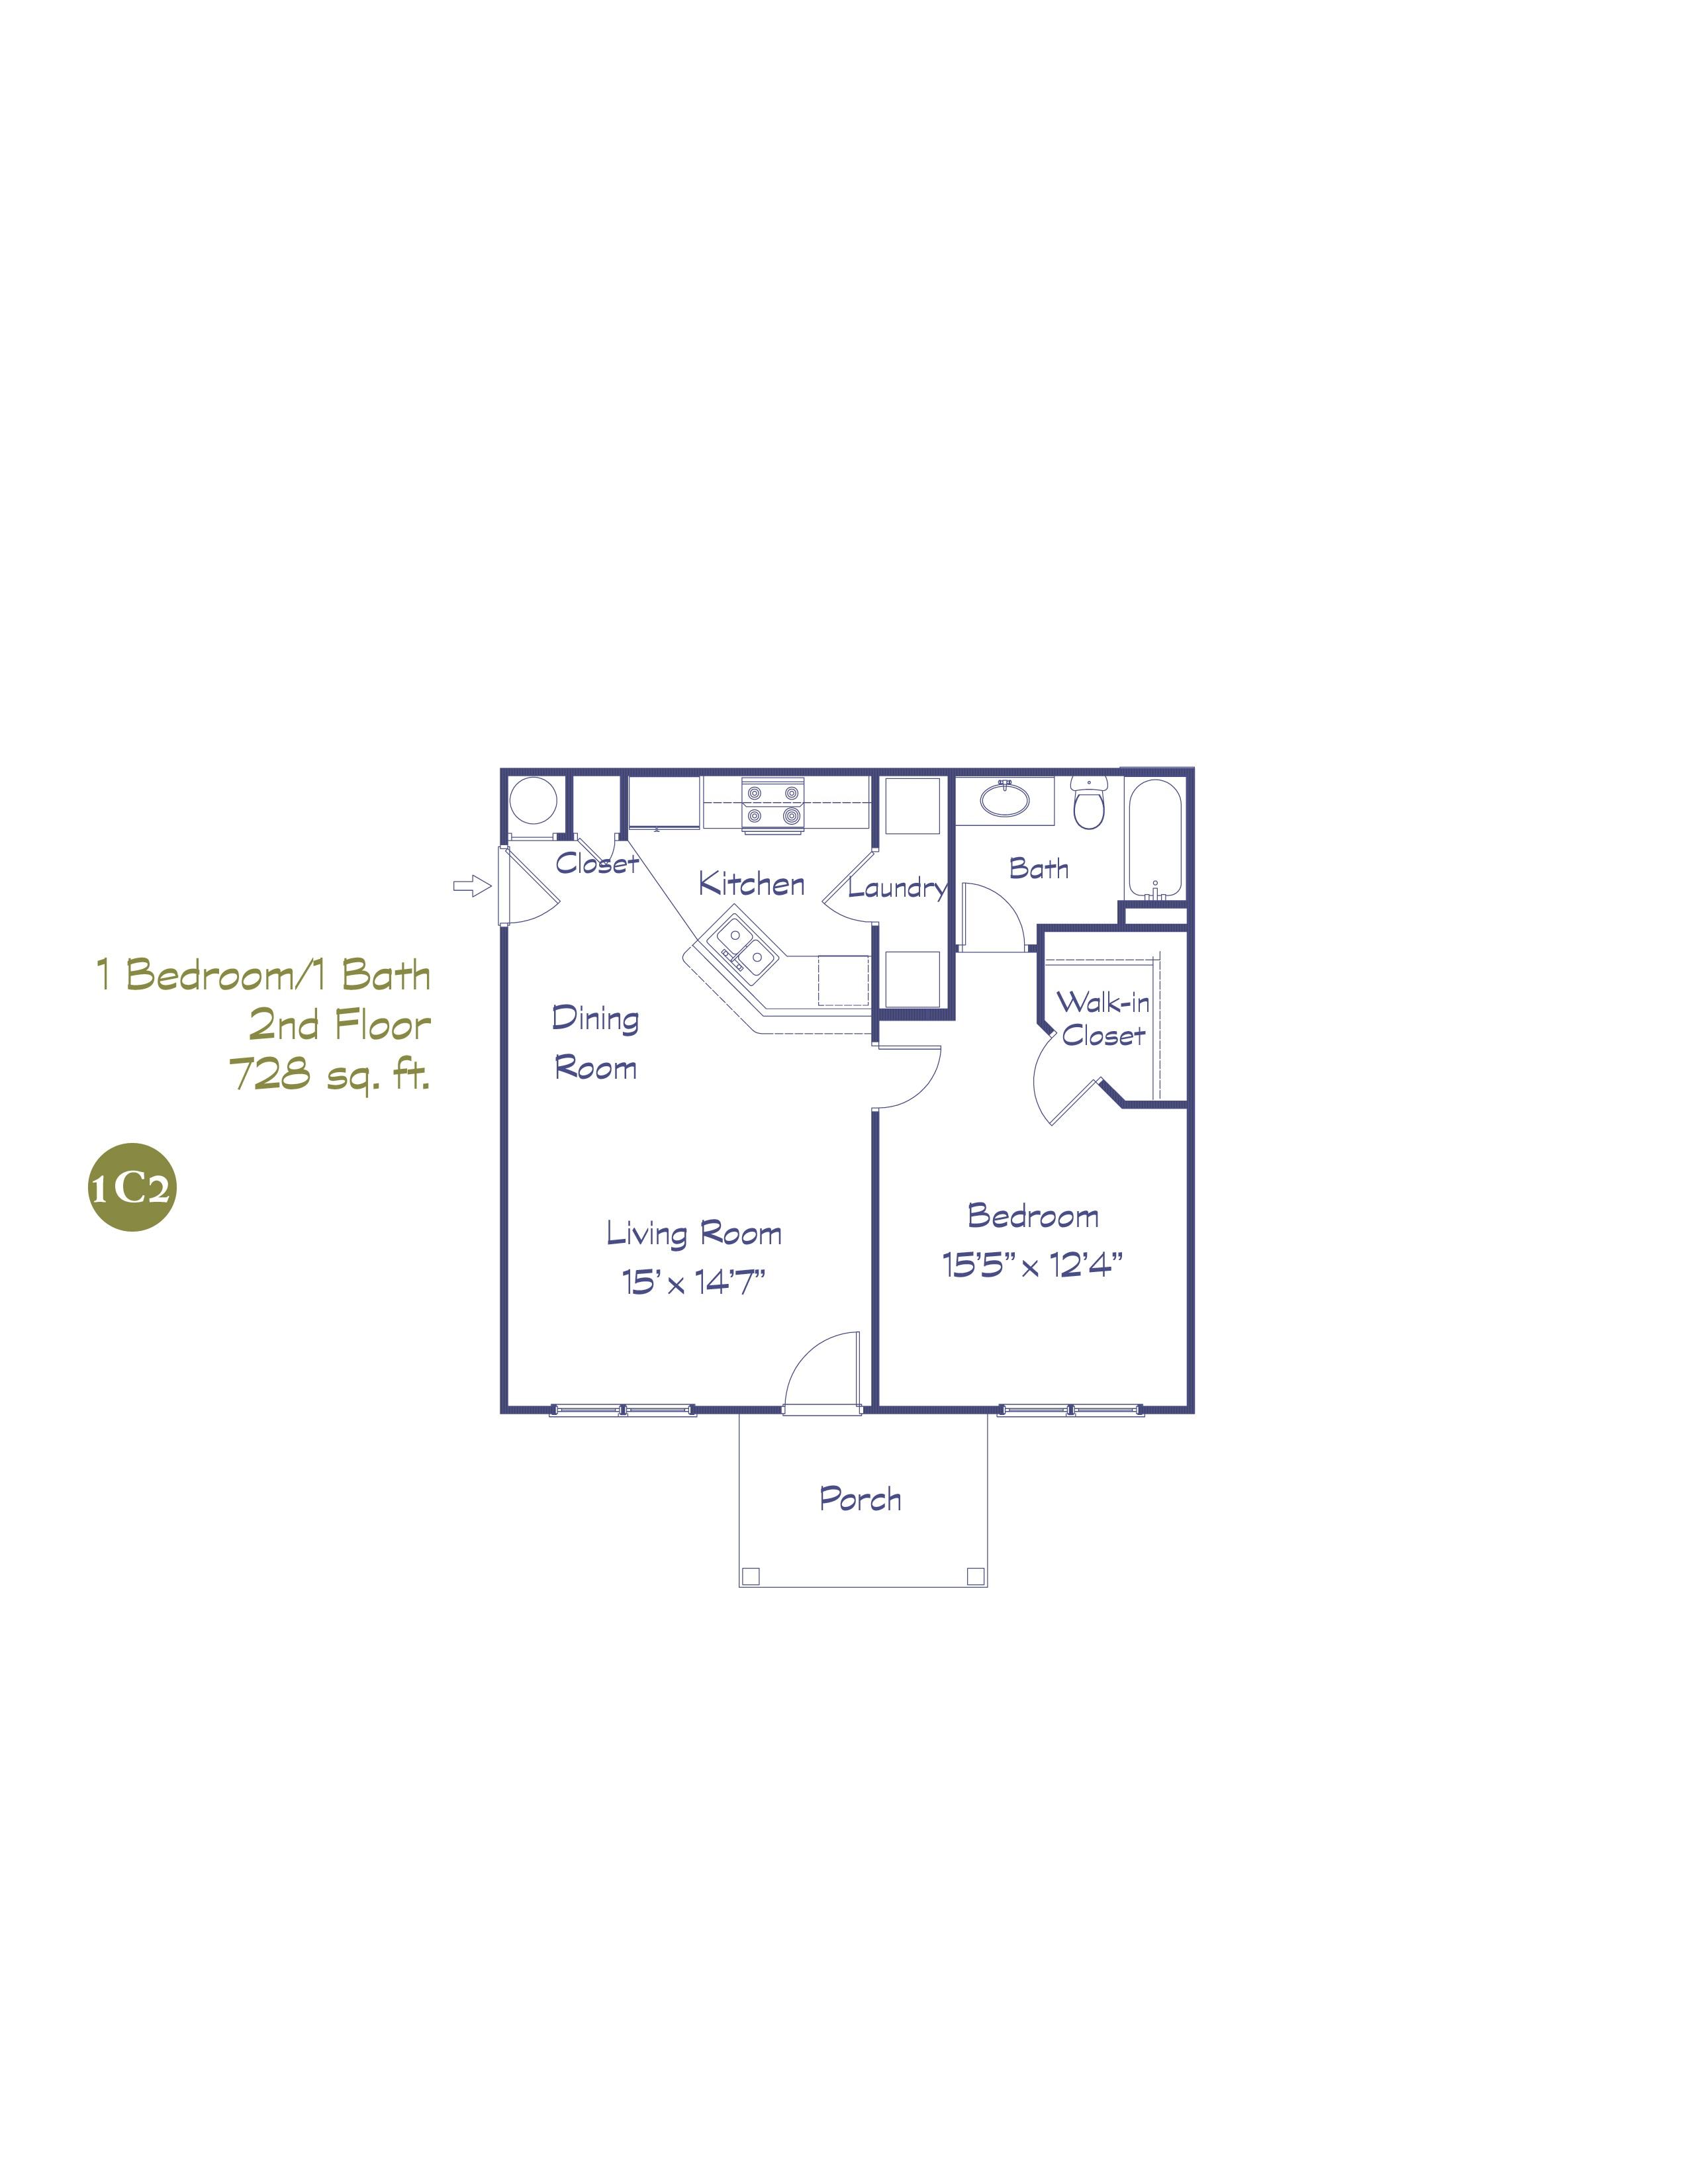 1C2 One Bedroom - 2nd Floor